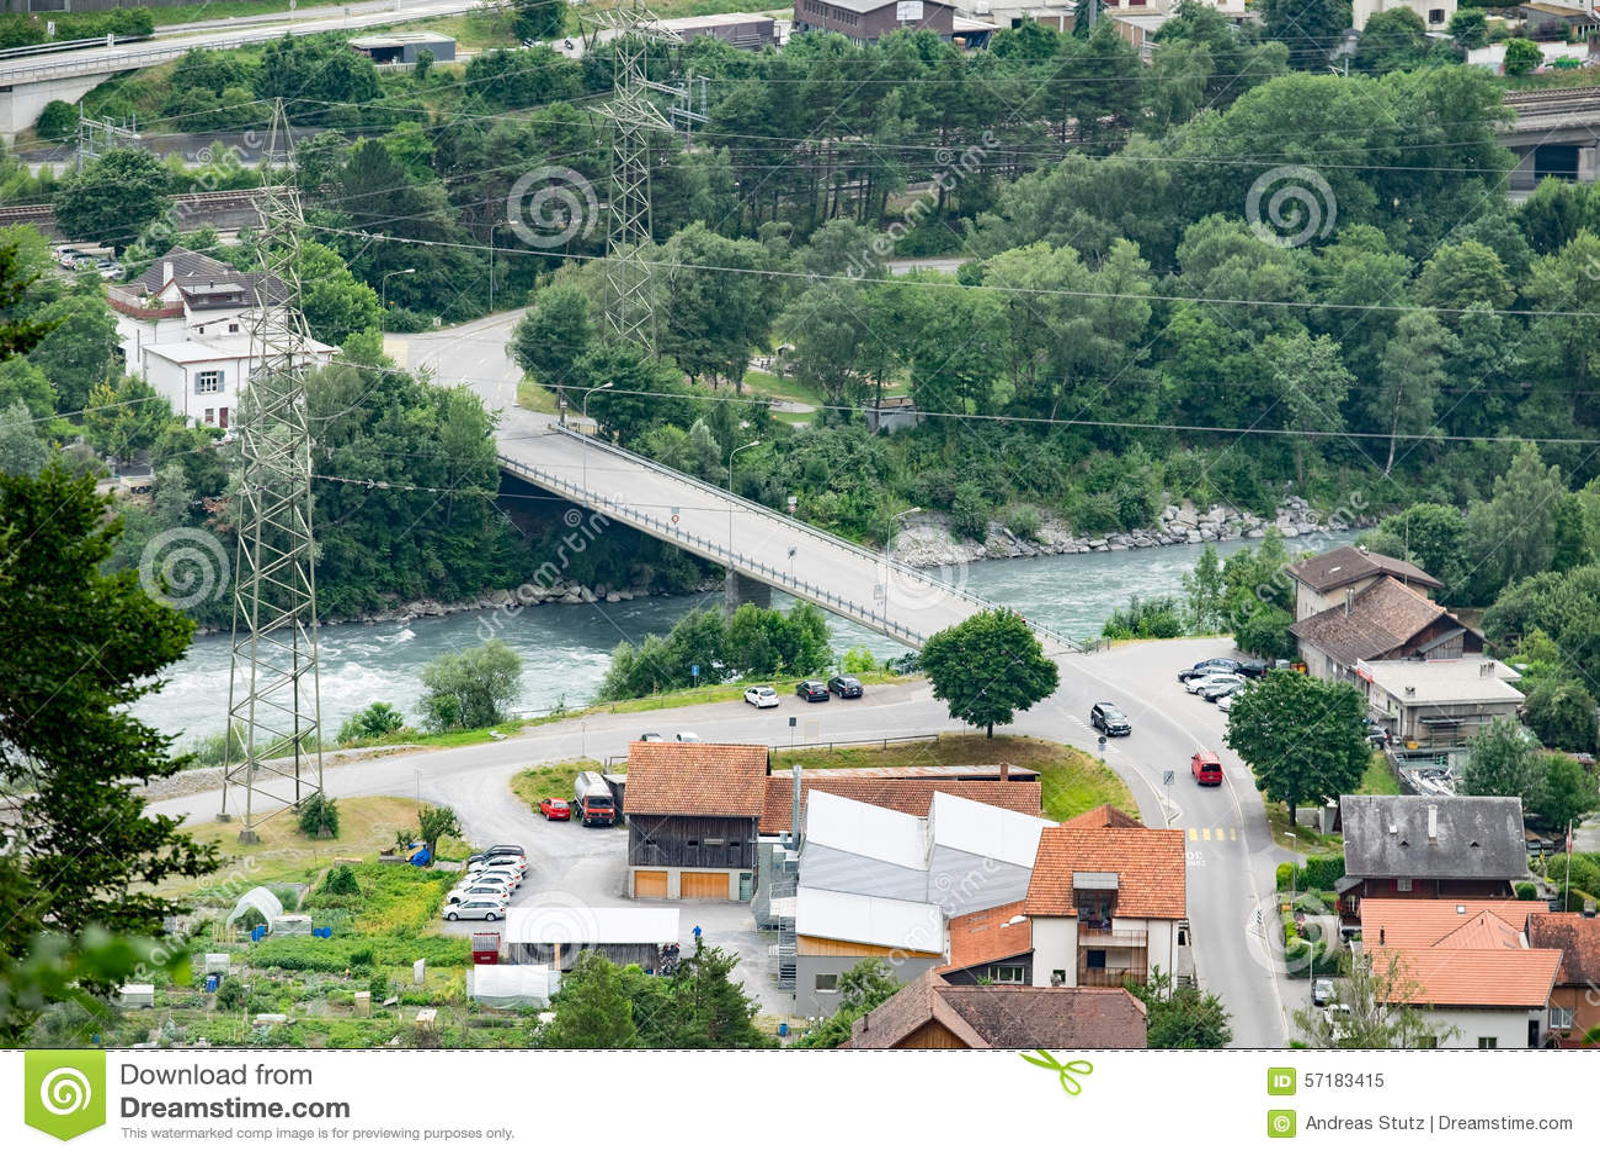 Architecture design stock photo image 57183415 for Architecture design for home in village